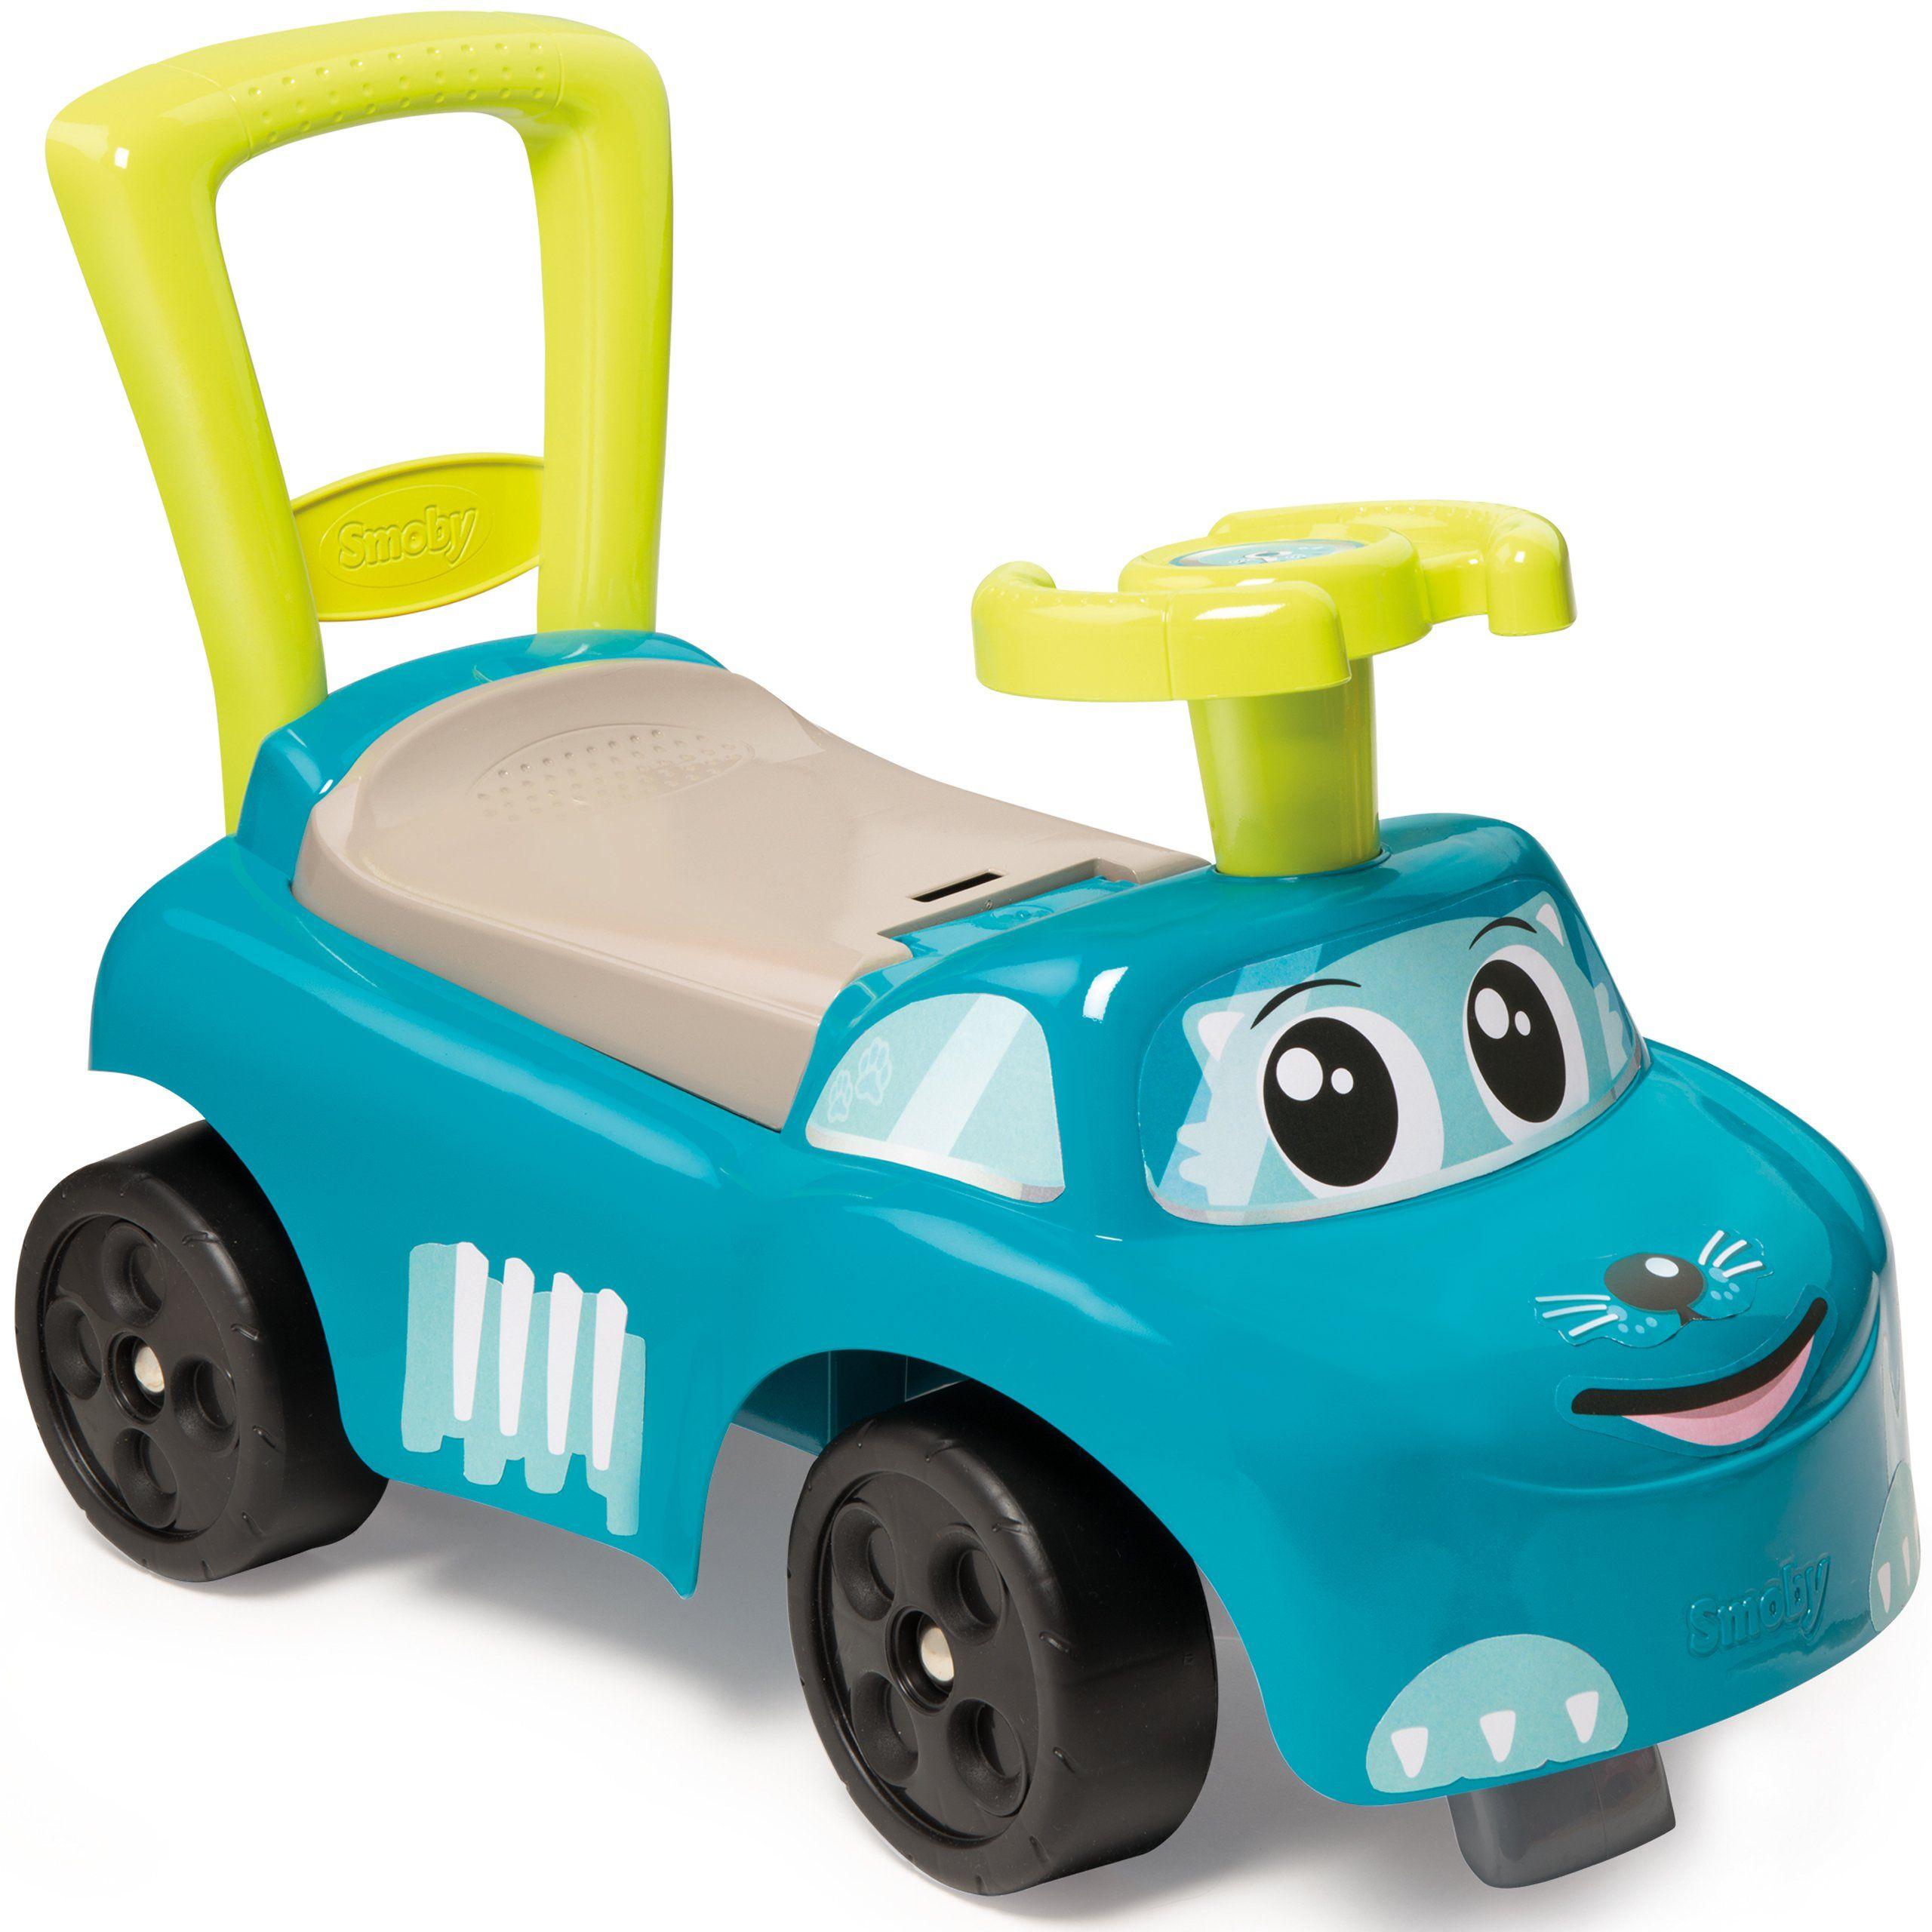 Smoby Jezdzik Dla Dzieci Odpychacz Pchacz Brykacze Pl Internetowy Sklep Z Zabawkami Dla Dzieci Toys Car Humor Auto